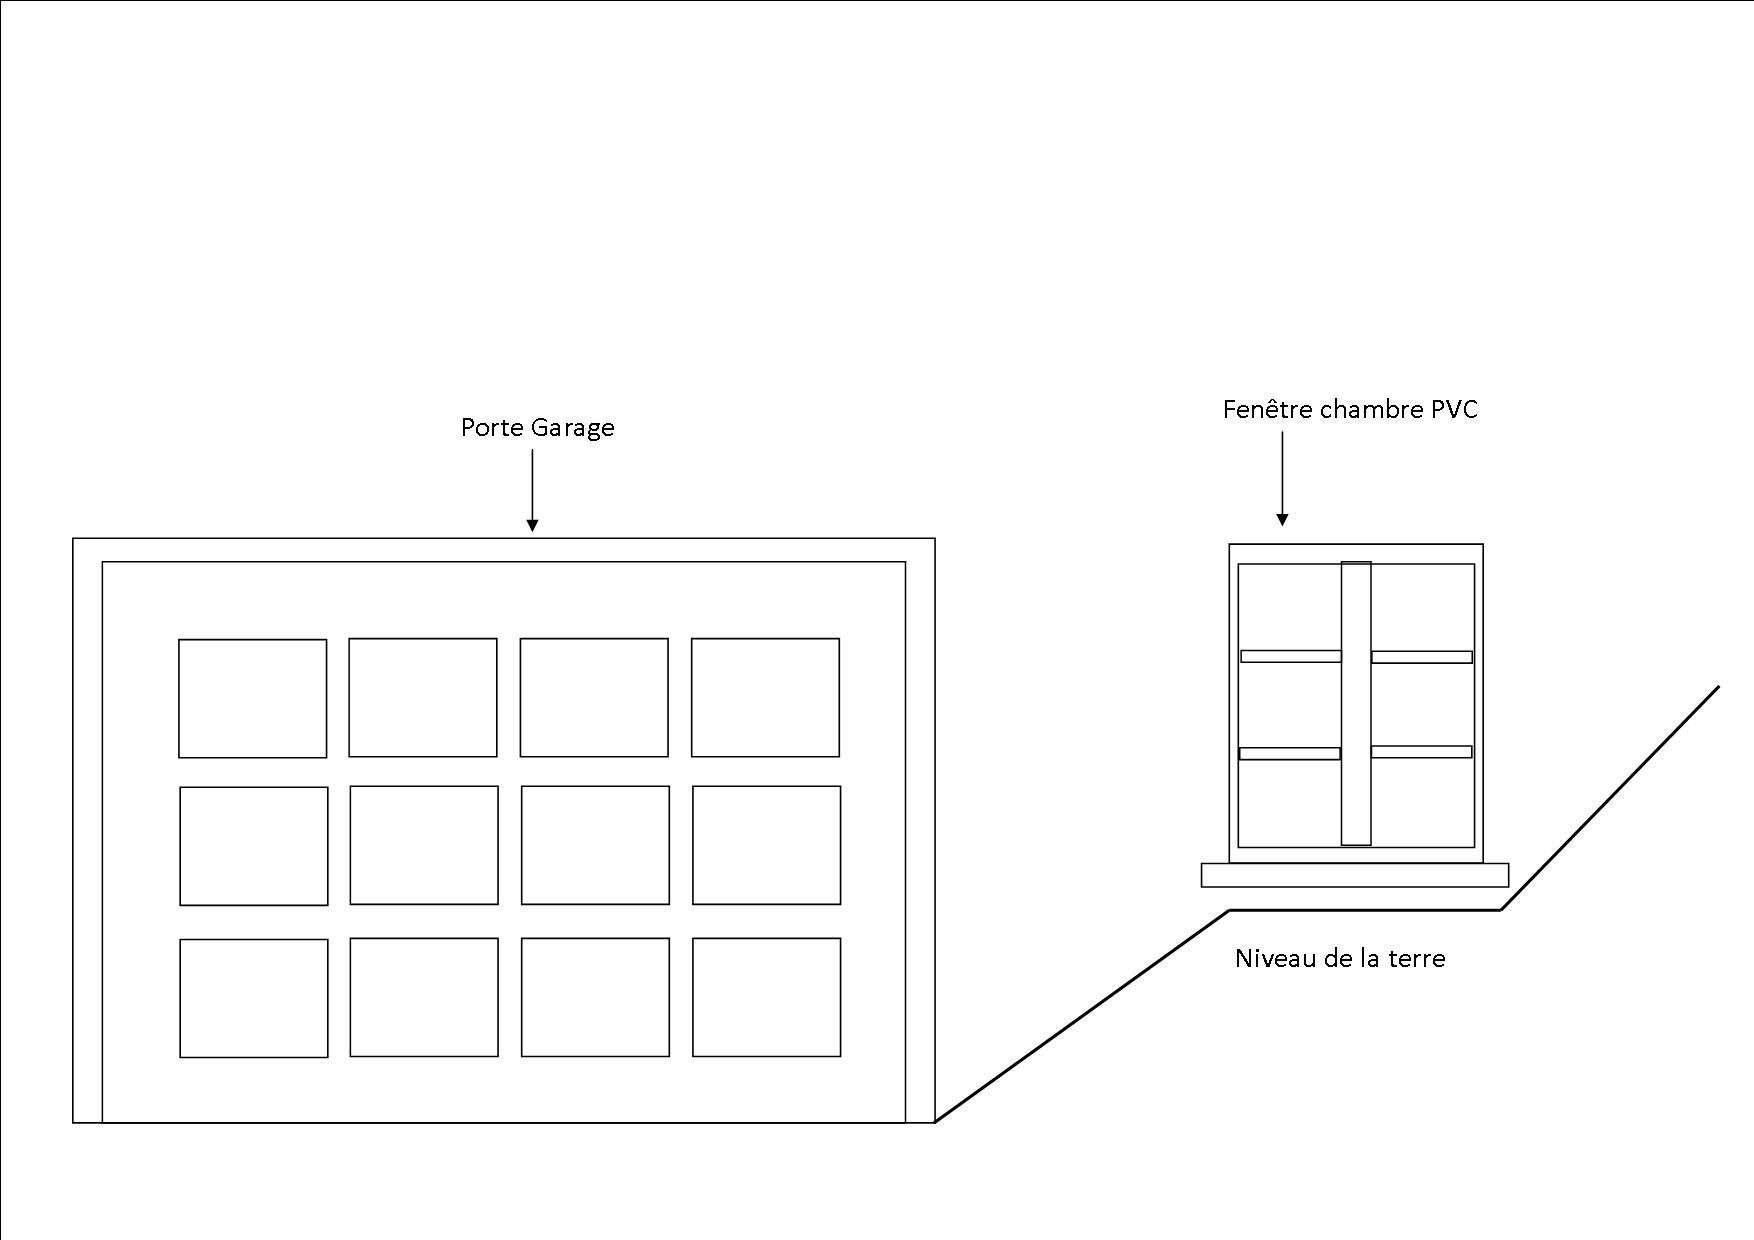 ventiler une chambre dans un sous sol enterr. Black Bedroom Furniture Sets. Home Design Ideas